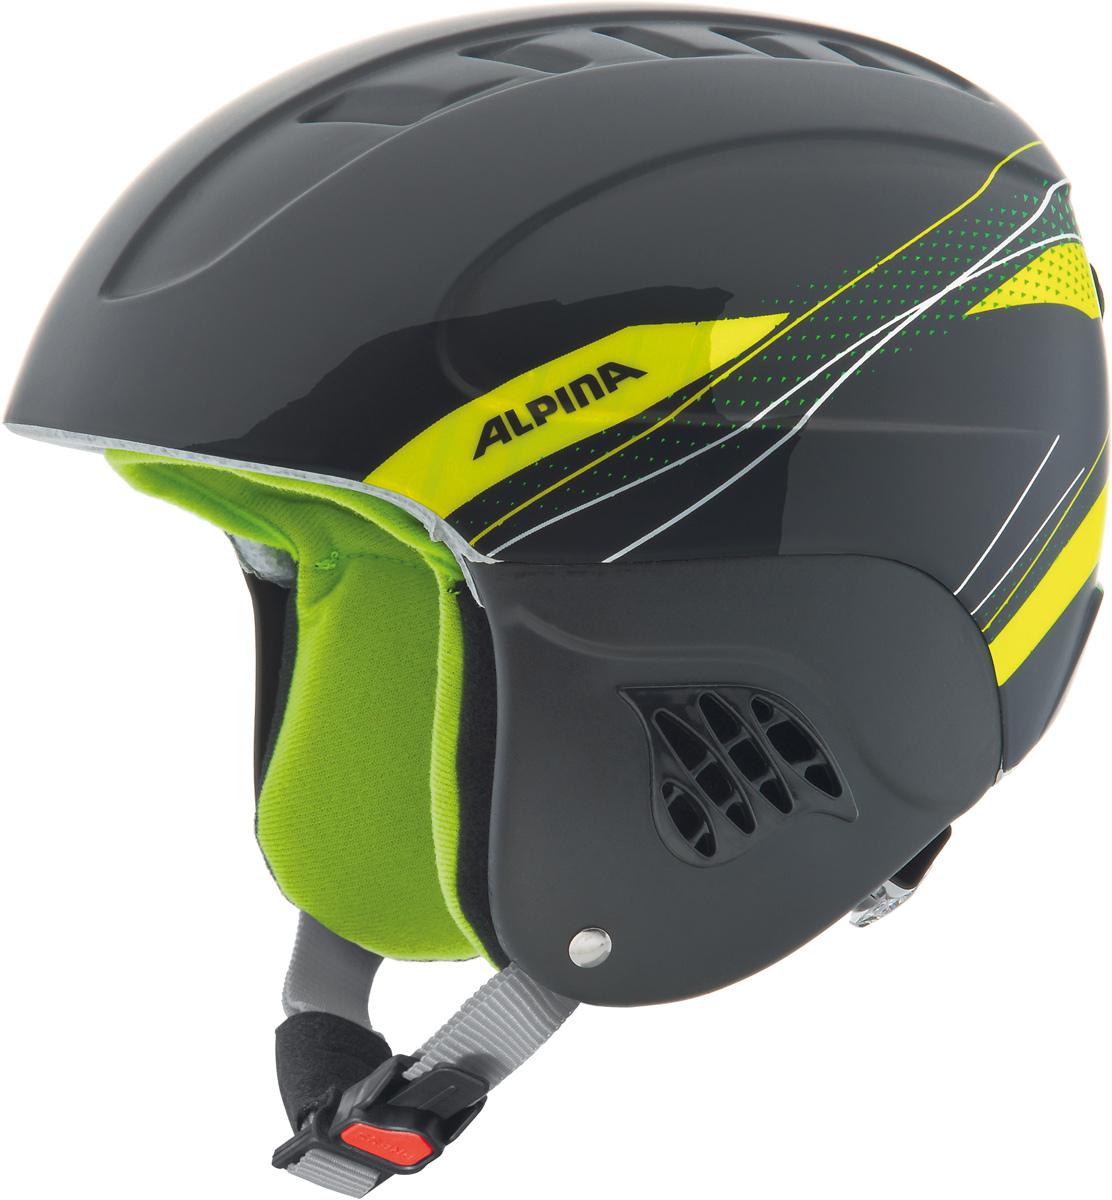 Шлем горнолыжный детский Alpina Carat, цвет: черный, зеленый. A9035_34. Размер 51-55A9035_34Серия детских и подростковых шлемов Carat пополнилась моделью LX. Главным нововведением стало использование перфорации в жёстких наушниках, которые по-прежнему обеспечивают высокую степень защиты, но при этом позволяют слышать всё вокруг.• Вентиляционные отверстия препятствуют перегреву и позволяют поддерживать идеальную температуру внутри шлема. Для этого инженеры Alpina используют эффект Вентури, чтобы сделать циркуляцию воздуха постоянной и максимально эффективной.• Внутренник шлема легко вынимается, стирается, сушится и вставляется обратно.• Из задней части шлема можно достать шейный утеплитель из мякого микро-флиса. Этот теплый воротник также защищает шею от ударов на высокой скорости и при сибирских морозах. В удобной конструкции отсутствуют точки давления на шею.• Прочная и лёгкая конструкция In-mold. Тонкая и прочная поликарбонатная оболочка под воздействием высокой температуры и давления буквально сплавляется с гранулами EPS, которые гасят ударную нагрузку.• Внутренная оболочка каждого шлема Alpina состоит из гранул HI-EPS (сильно вспененного полистирола). Микроскопические воздушные карманы эффективно поглощают ударную нагрузку и обеспечивают высокую теплоизоляцию. Эта технология позволяет достичь минимальной толщины оболочки. А так как гранулы HI-EPS не впитывают влагу, их защитный эффект не ослабевает со временем.• Удобная и точная система регулировки Run System Ergo Snow позволяет быстро и комфортно подогнать шлем по голове, без создания отдельных точек избыточного давления.• Y-образный ремнераспределитель двух ремешков находится под ухом и обеспечивает быструю и точную посадку шлема на голове.• Вместо фастекса на ремешке используется красная кнопка с автоматическим запирающим механизмом, которую легко использовать даже в лыжных перчатках. Механизм защищён от произвольного раскрытия при падении.